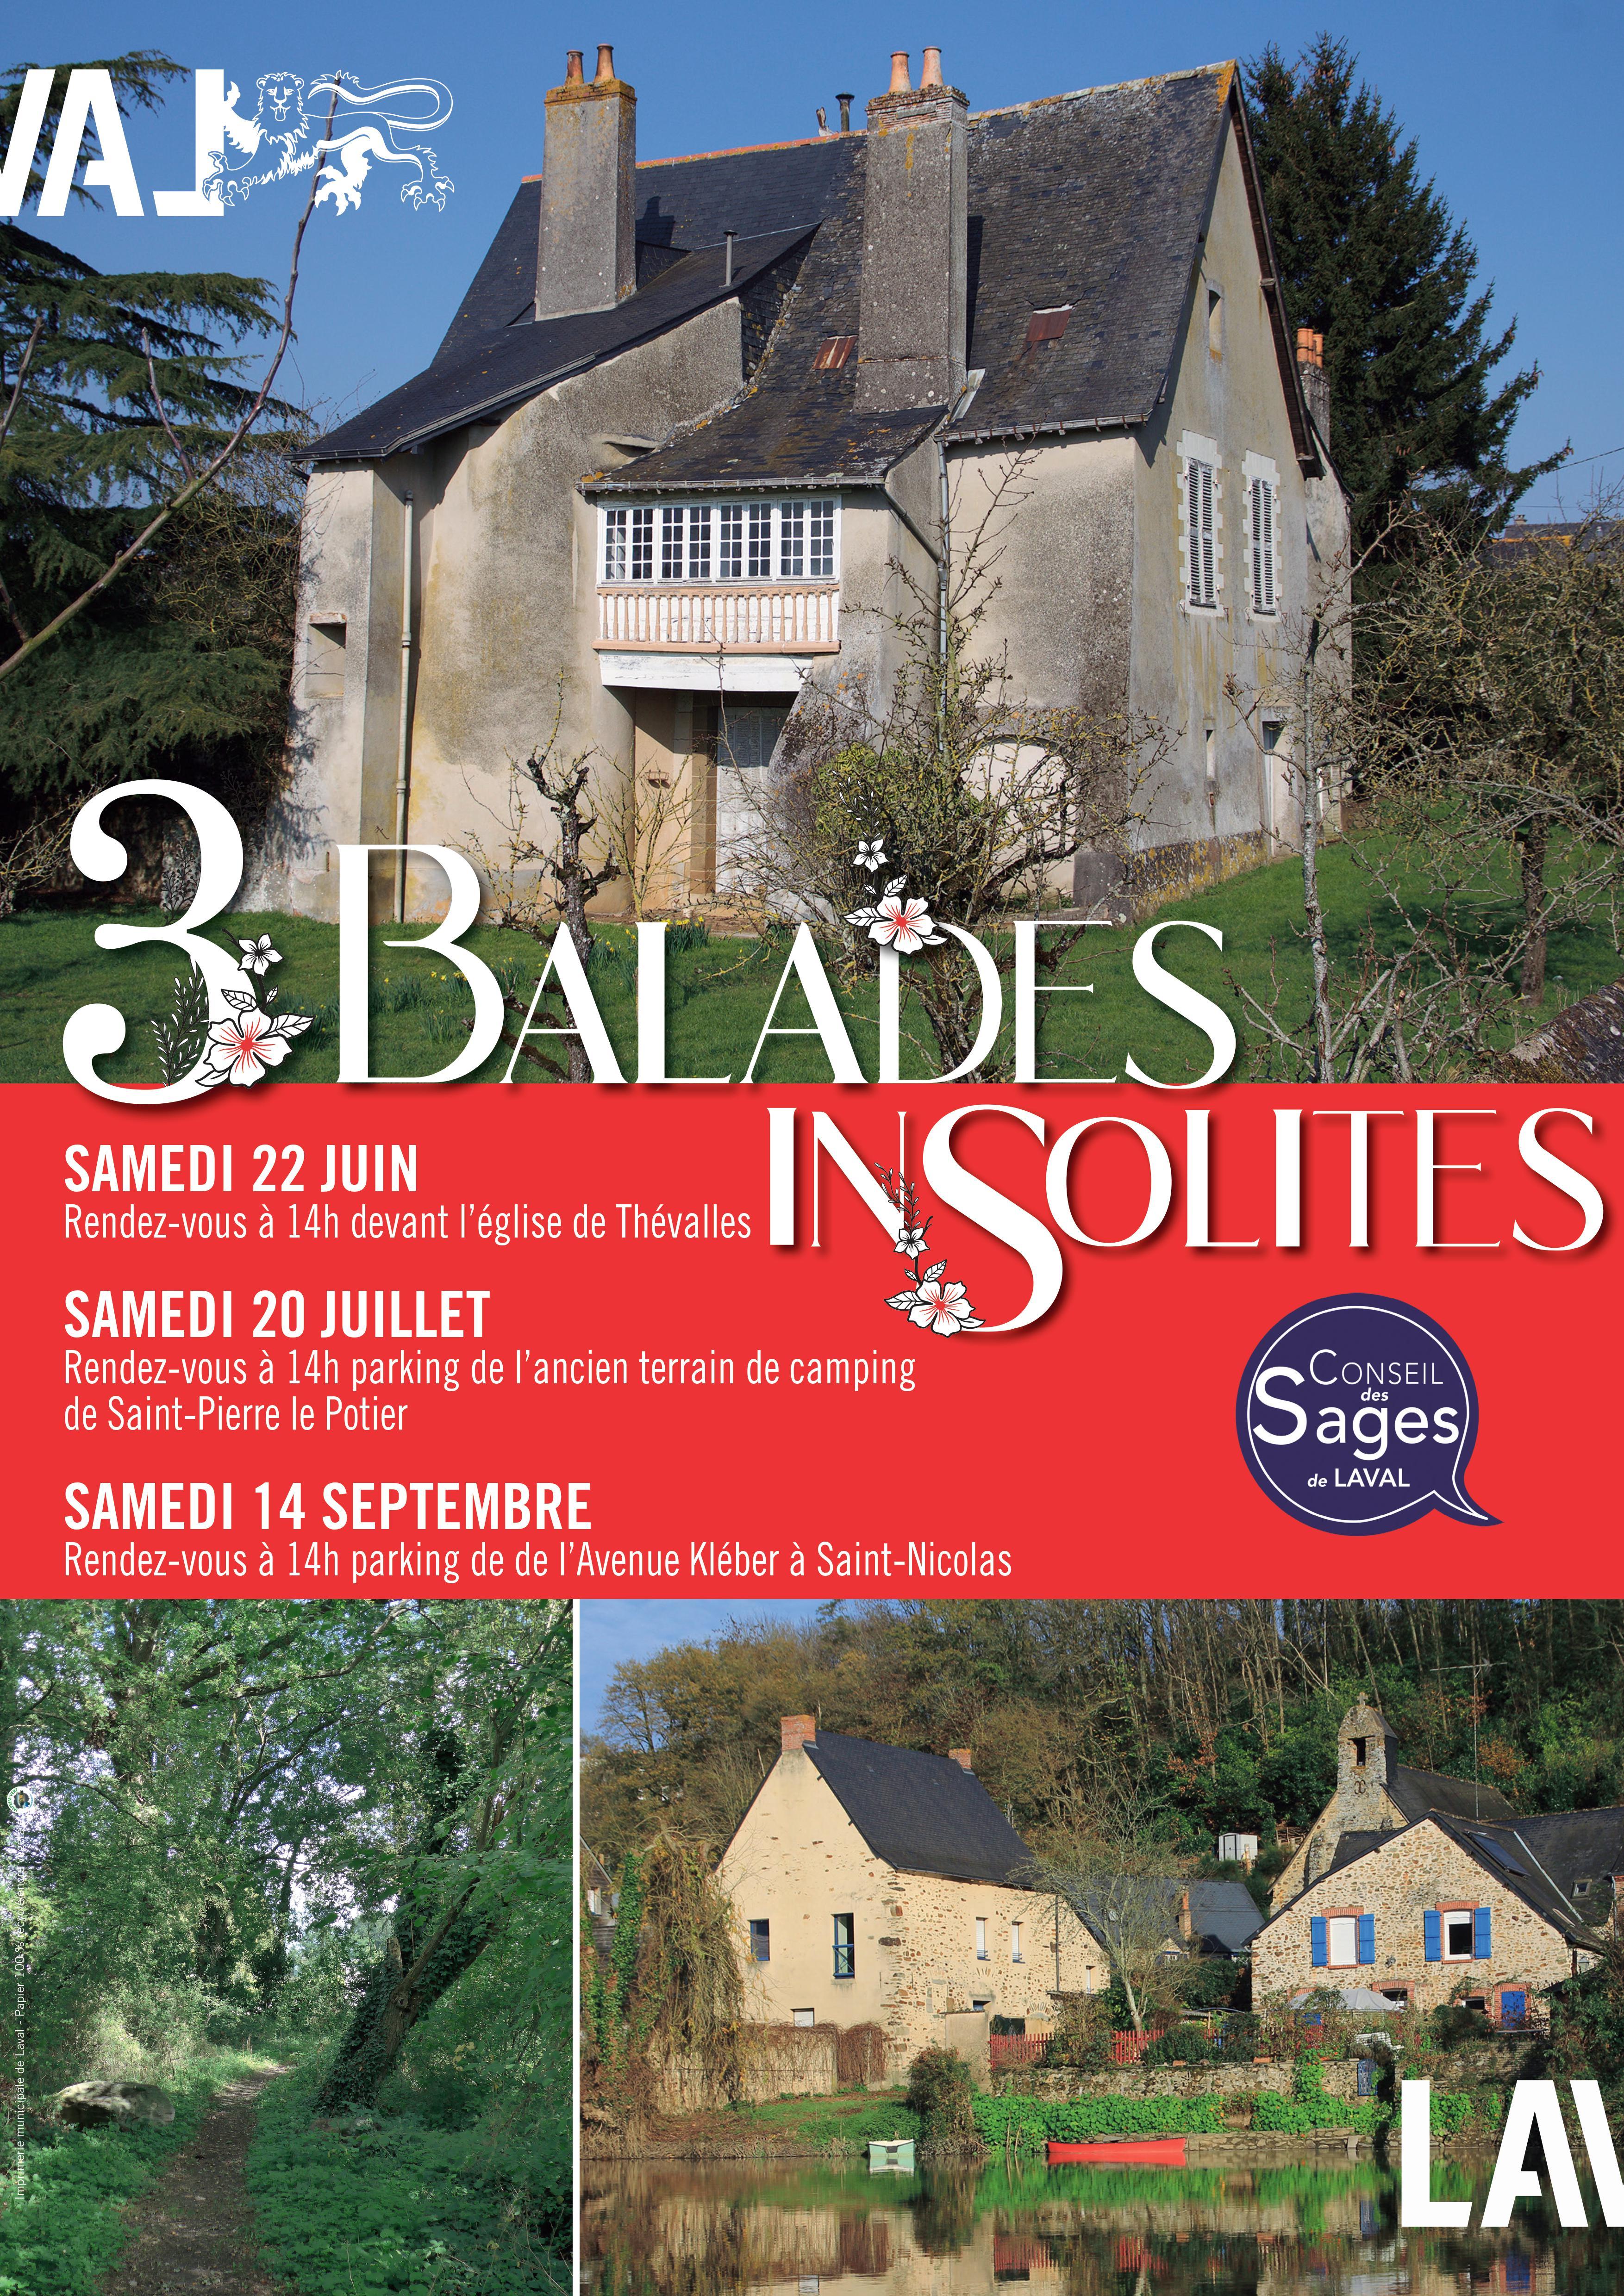 Balade Insolite à Saint-Nicolas